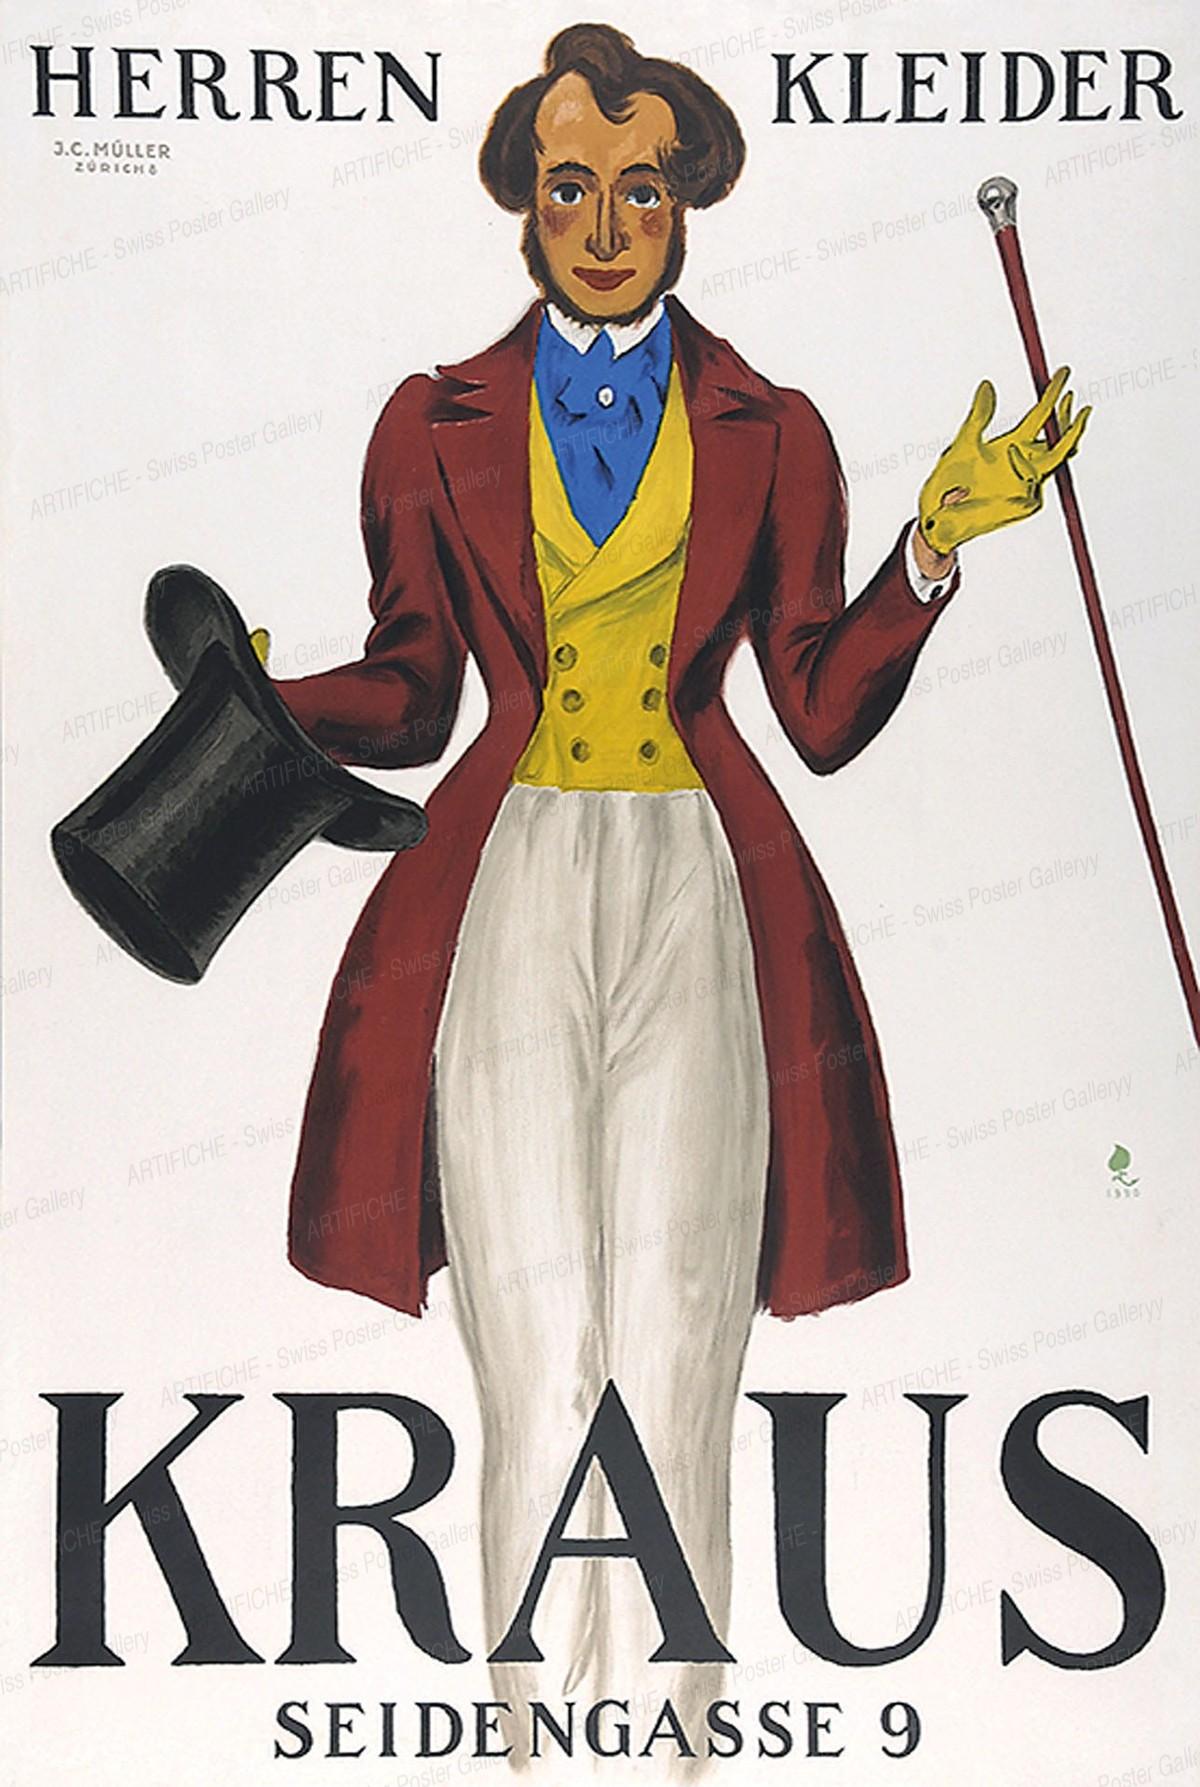 Kraus – Seidengasse 9 – Herrenkleider, Hugo Laubi